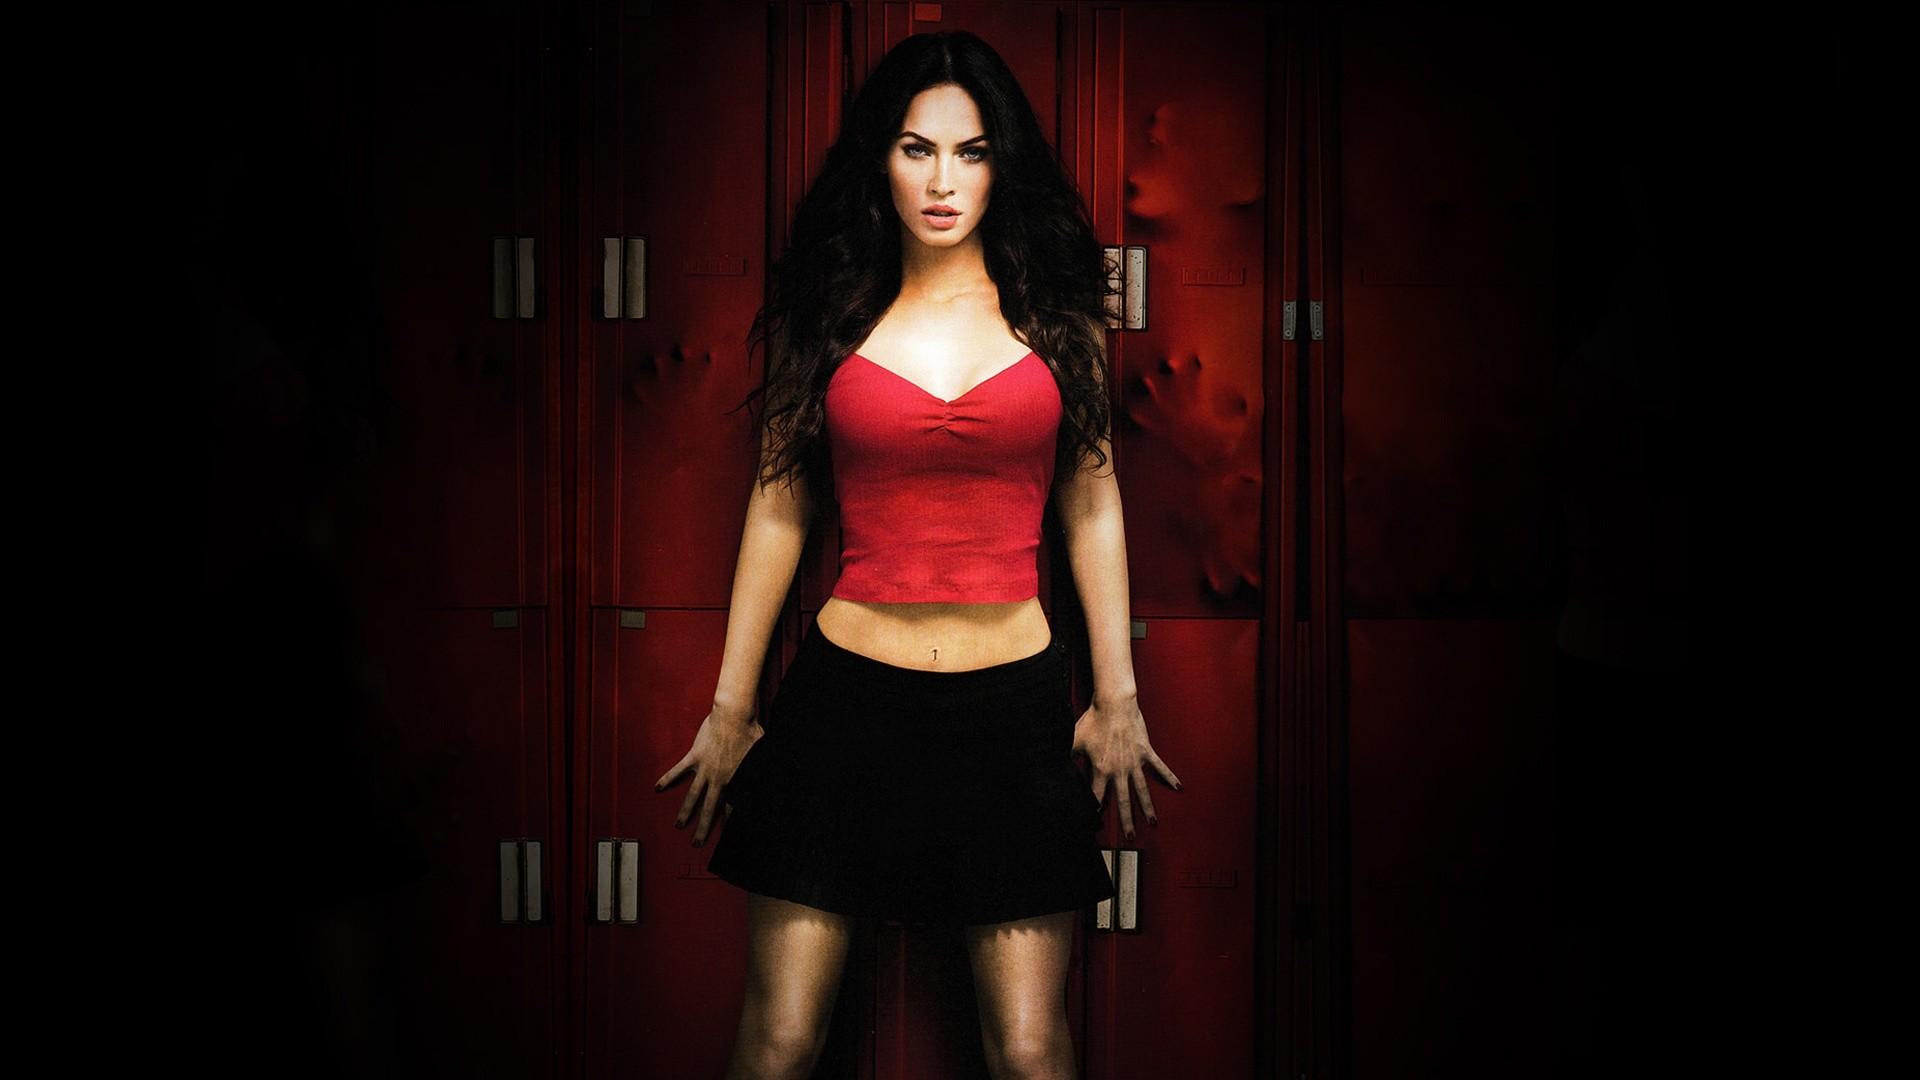 Vampire Megan Fox